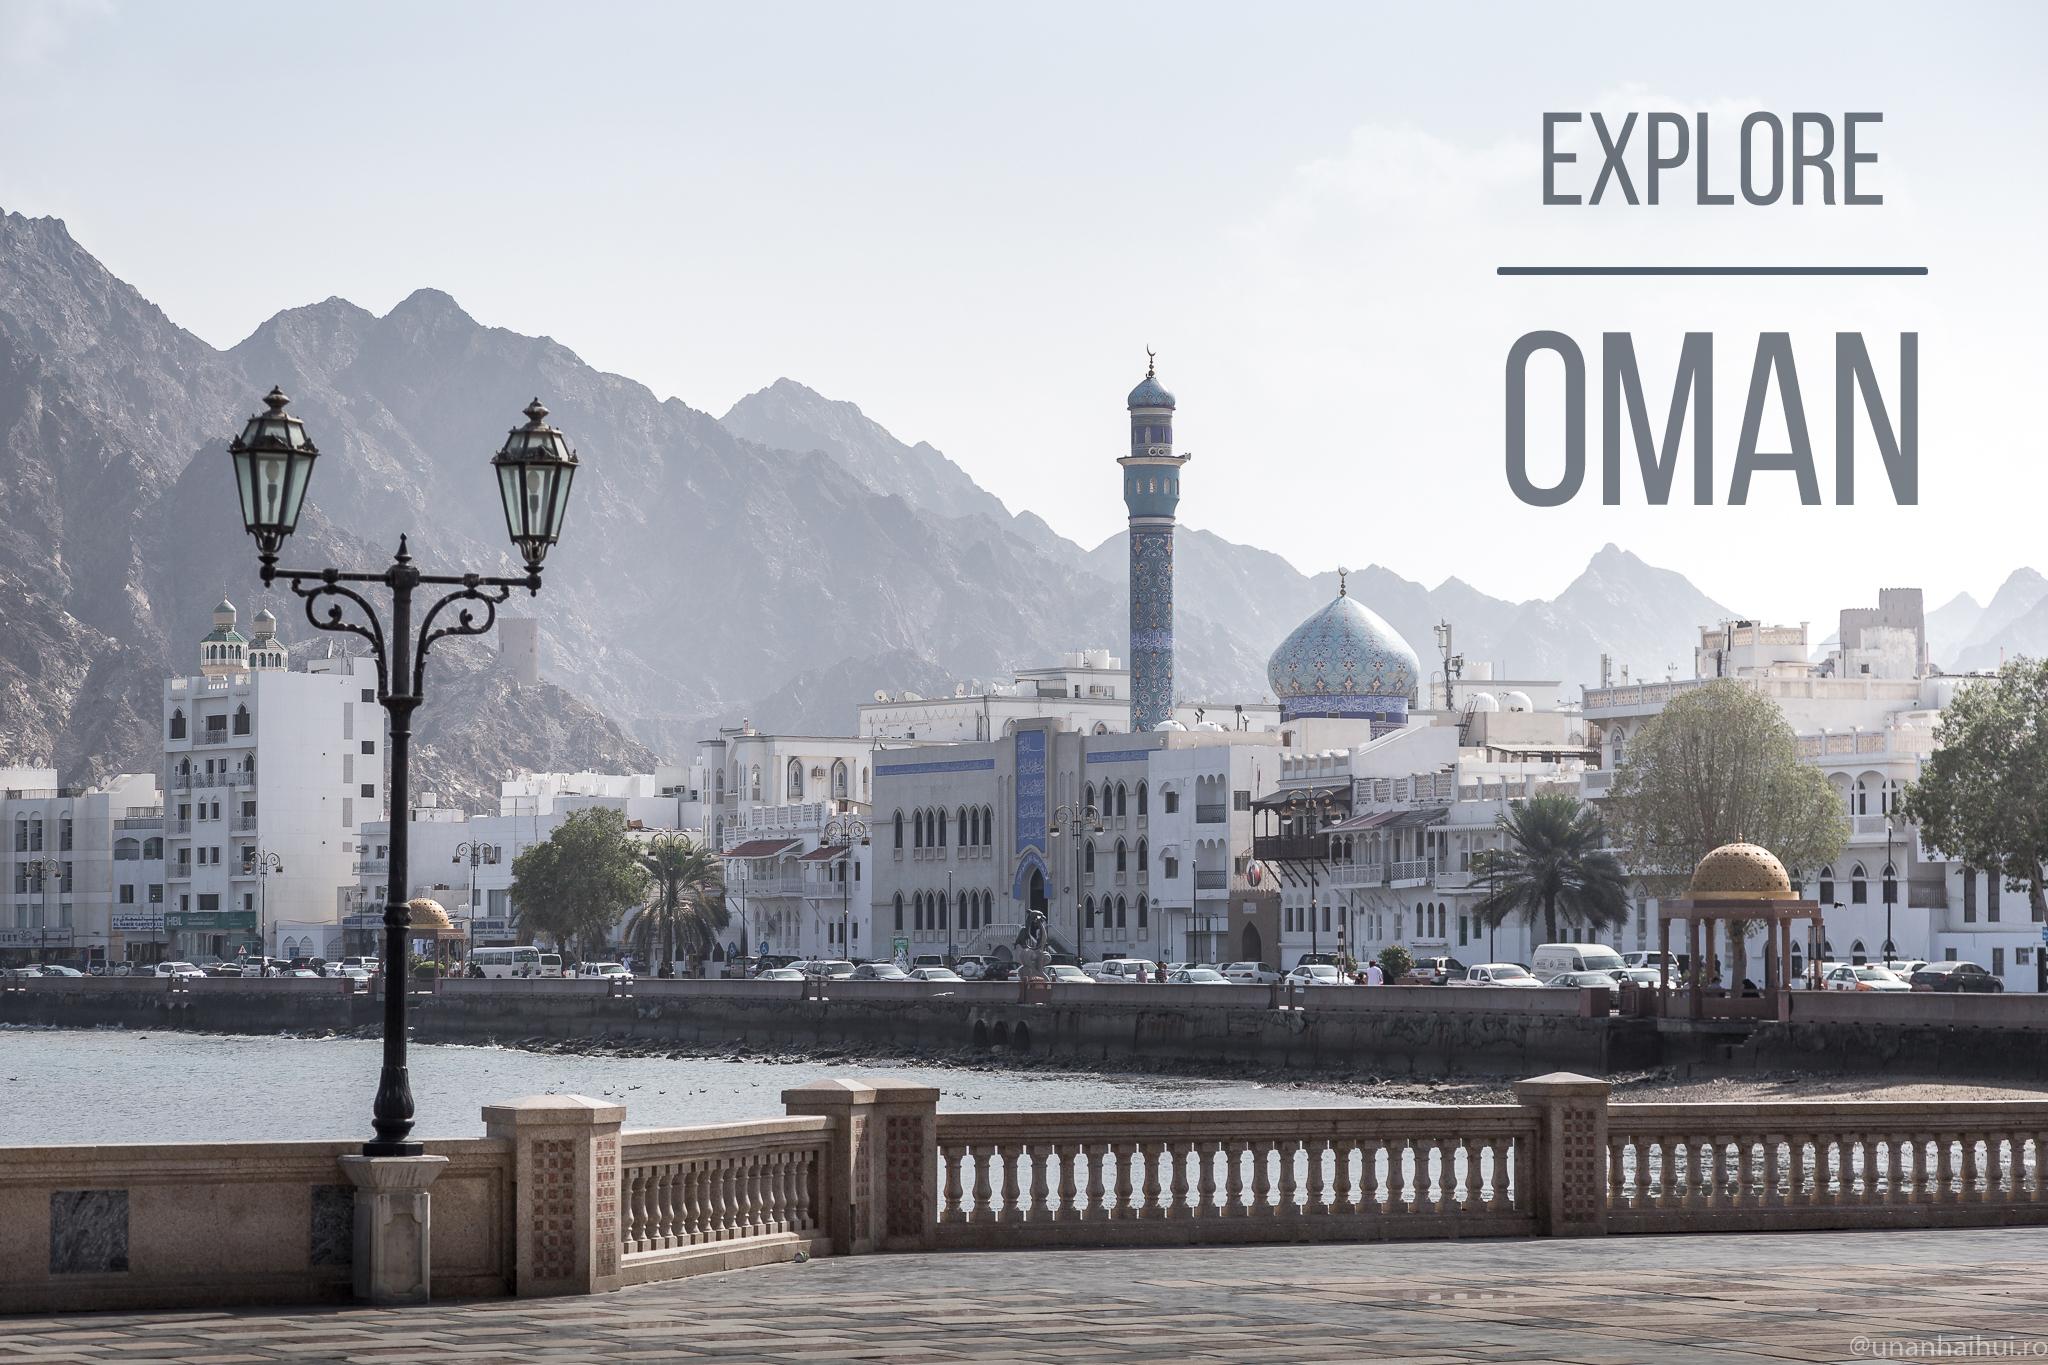 Vacanță în Oman – moderație și elegantă în Muscat (partea I)